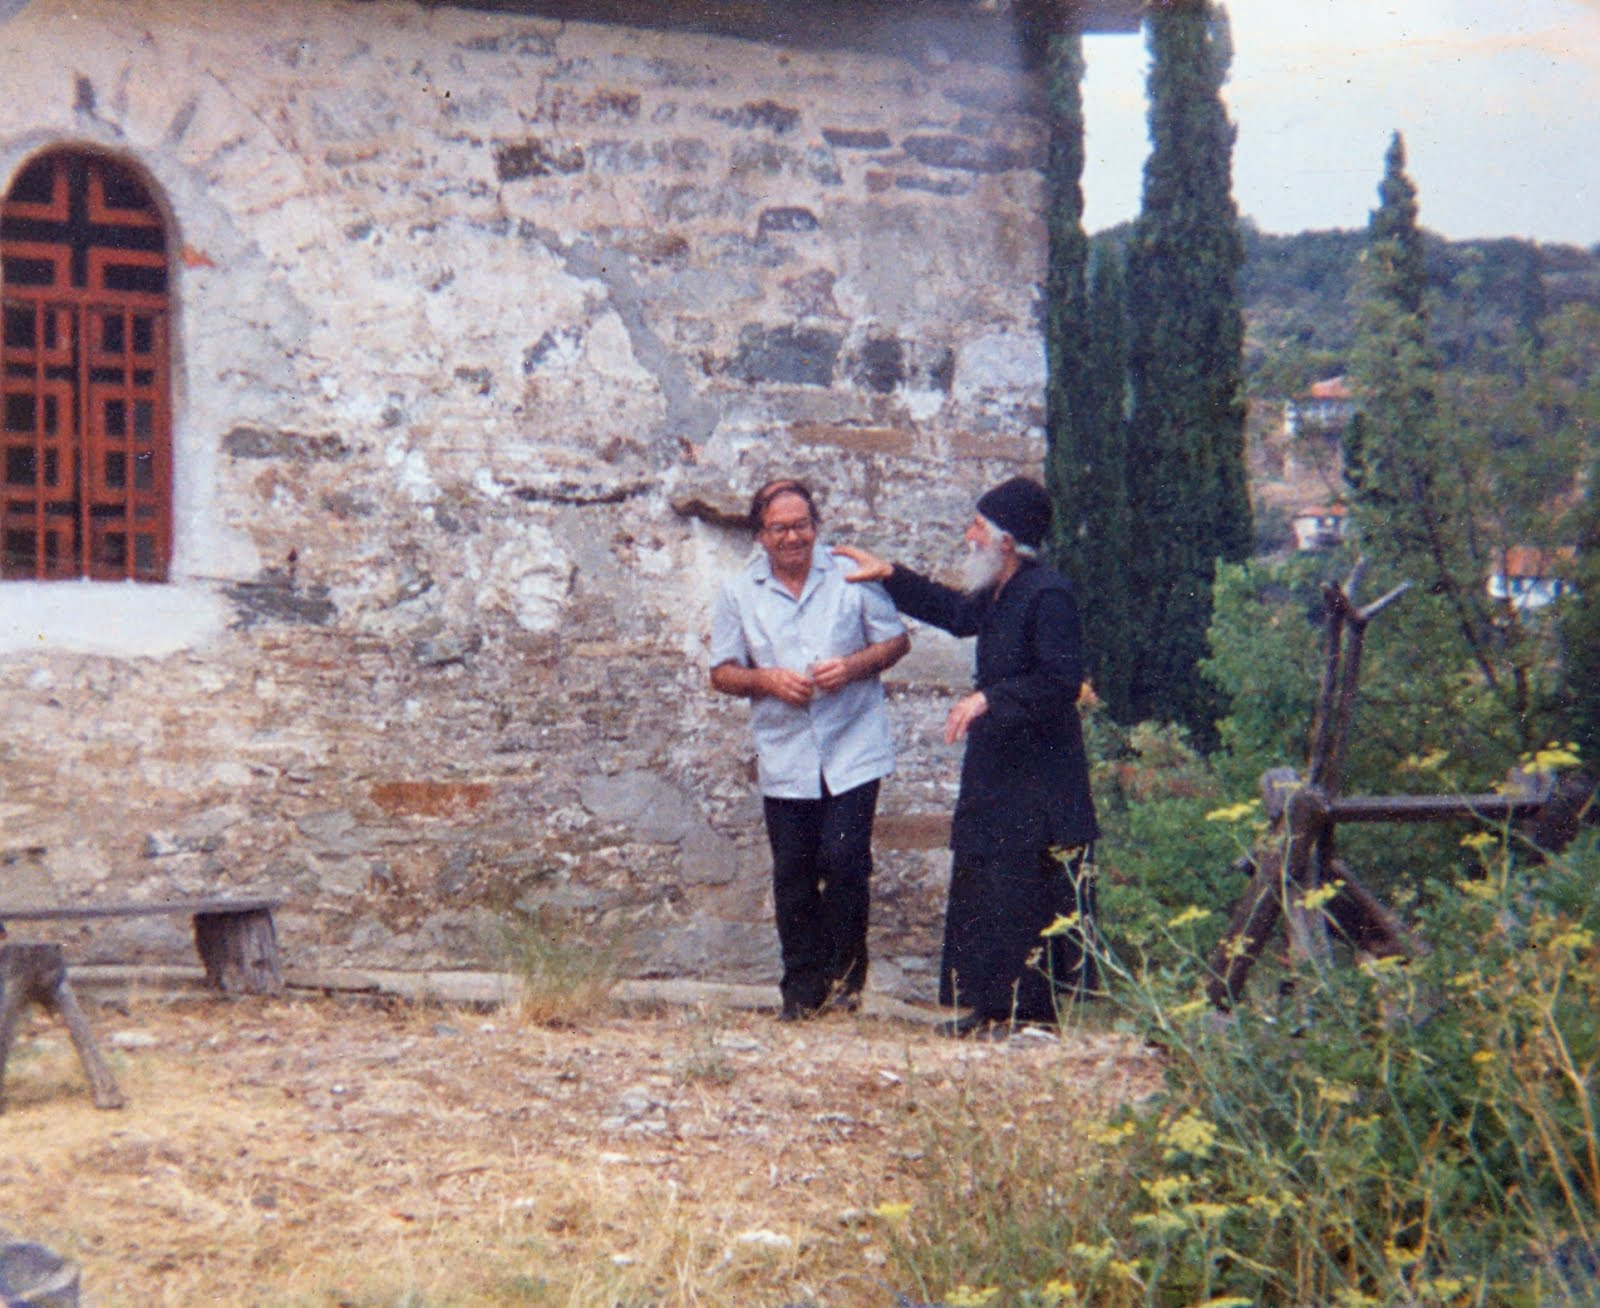 Ο ΑΓΙΟΣ ΠΑΪΣΙΟΣ ΜΕ ΤΟΝ ΙΑΤΡΟ ΝΙΚΟΛΑΟ ΛΙΛΙΟΠΟΥΛΟ (1986)